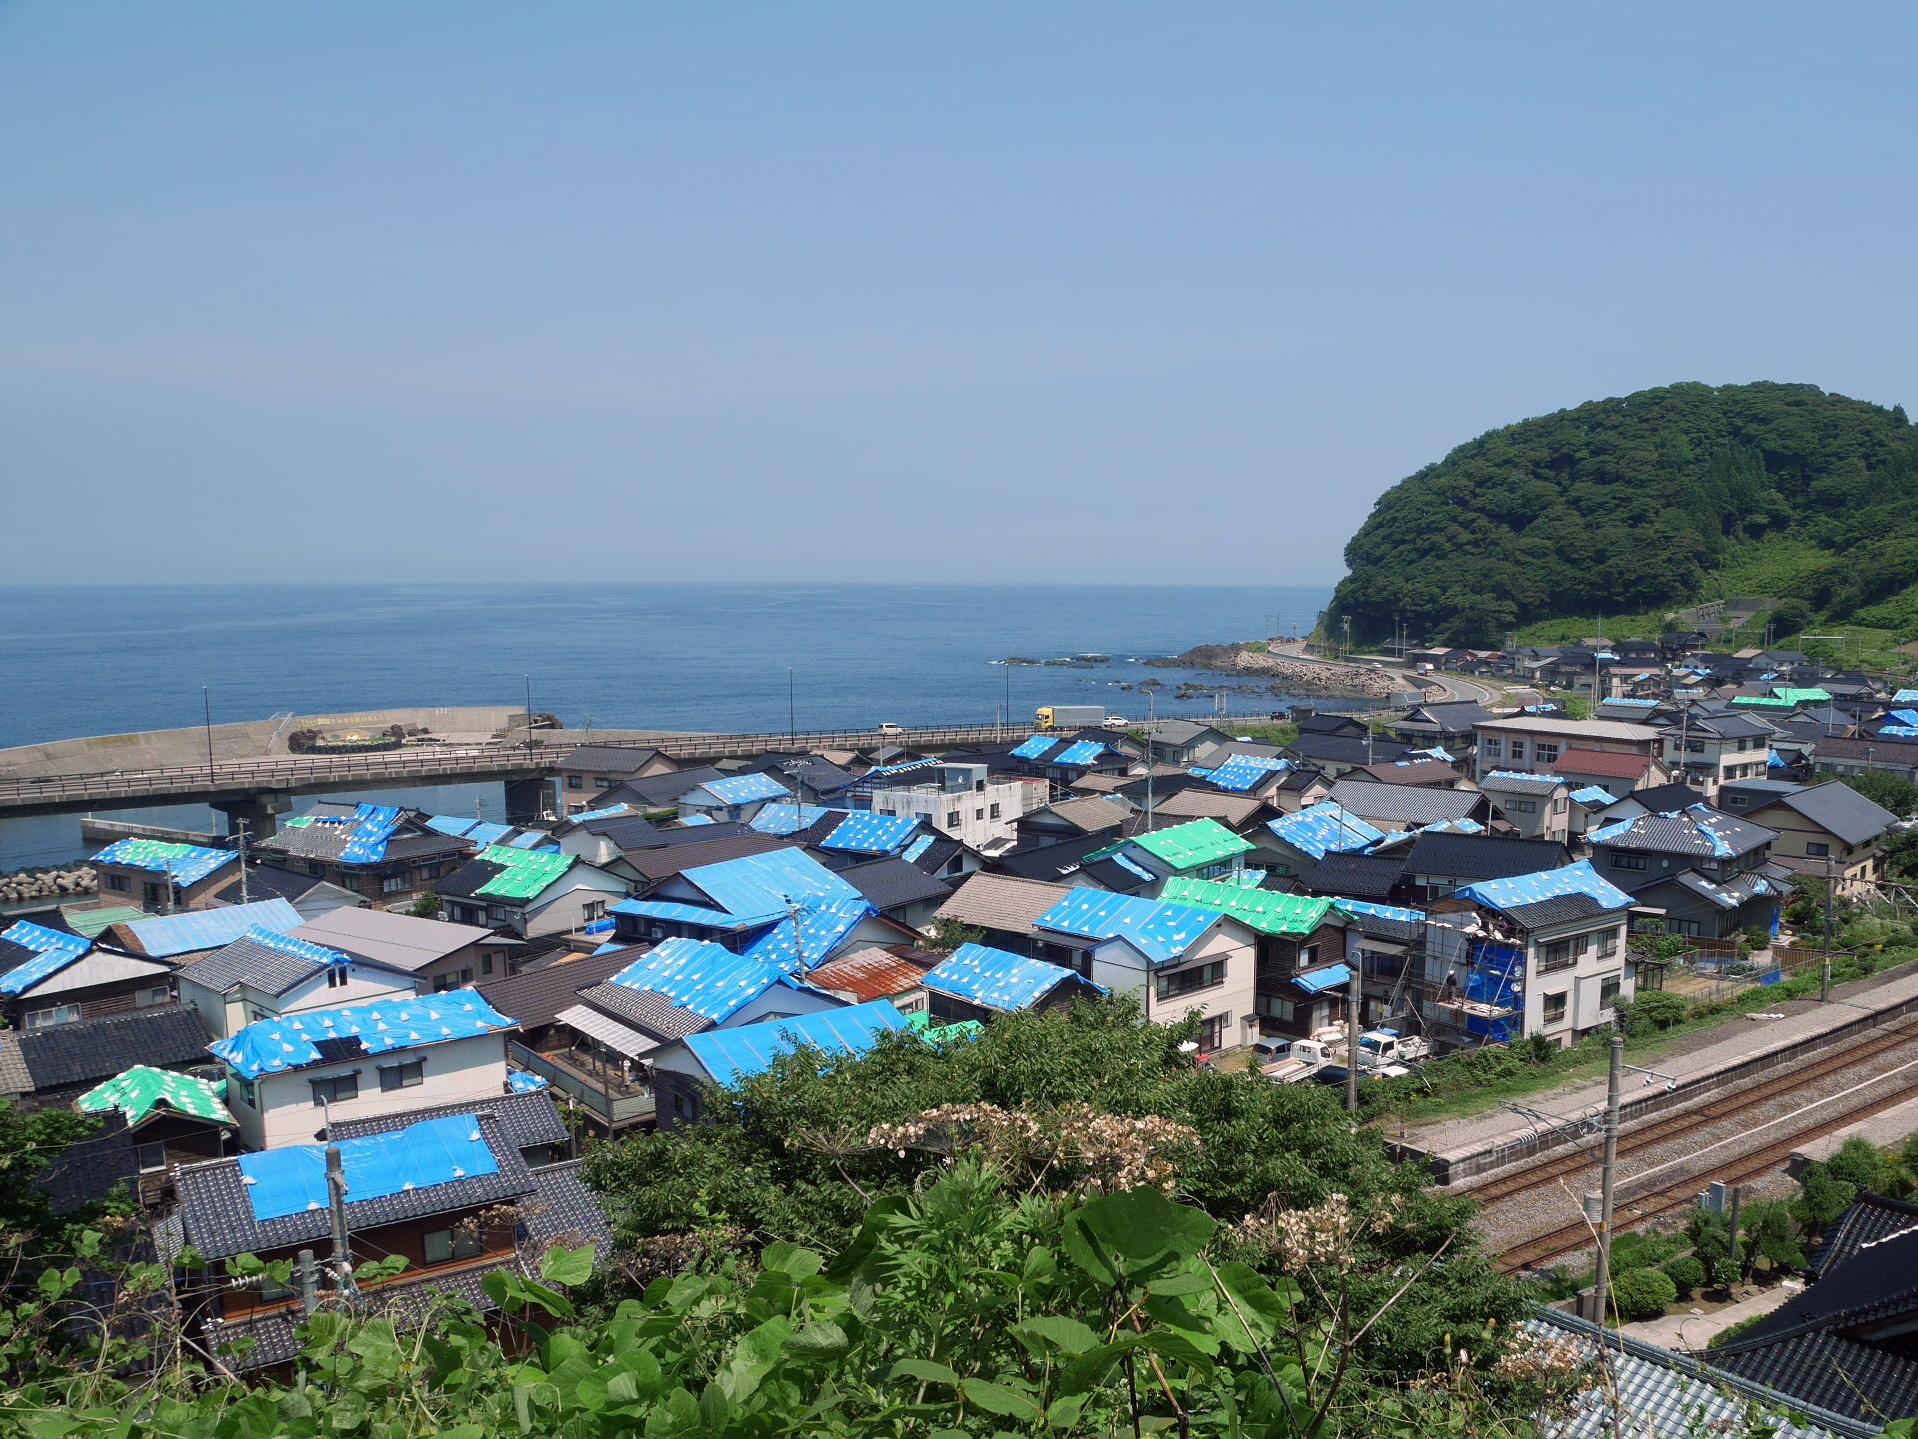 2019年山形沖の地震の被害調査報告 | 京都大学防災研究所